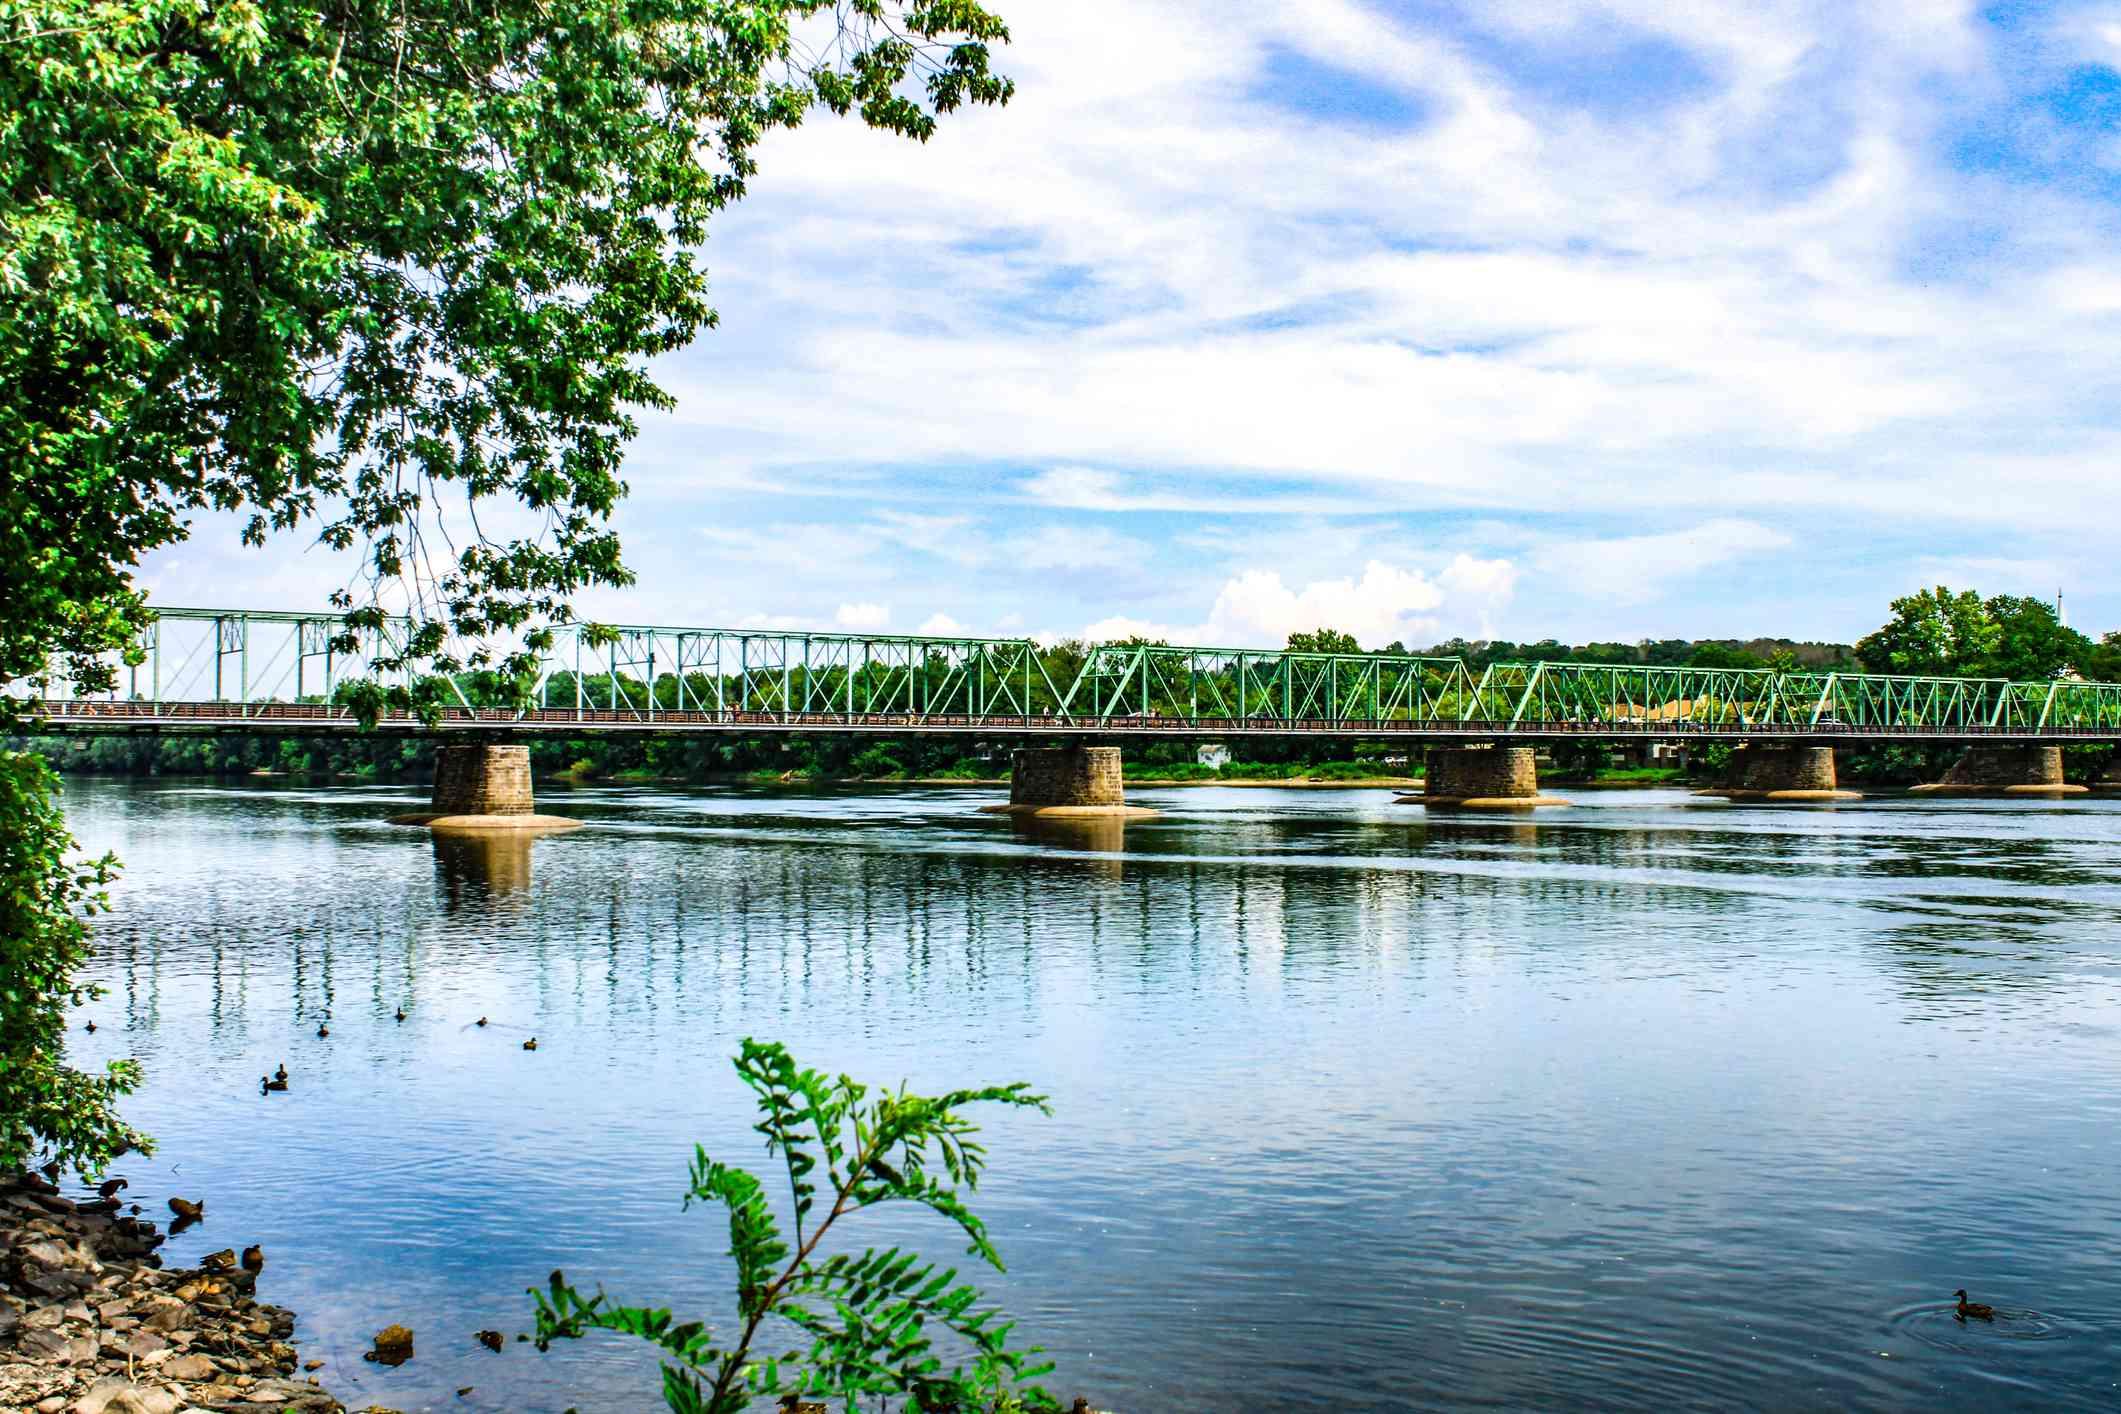 New Hope PA to Lambertville NJ Bridge over Delaware River